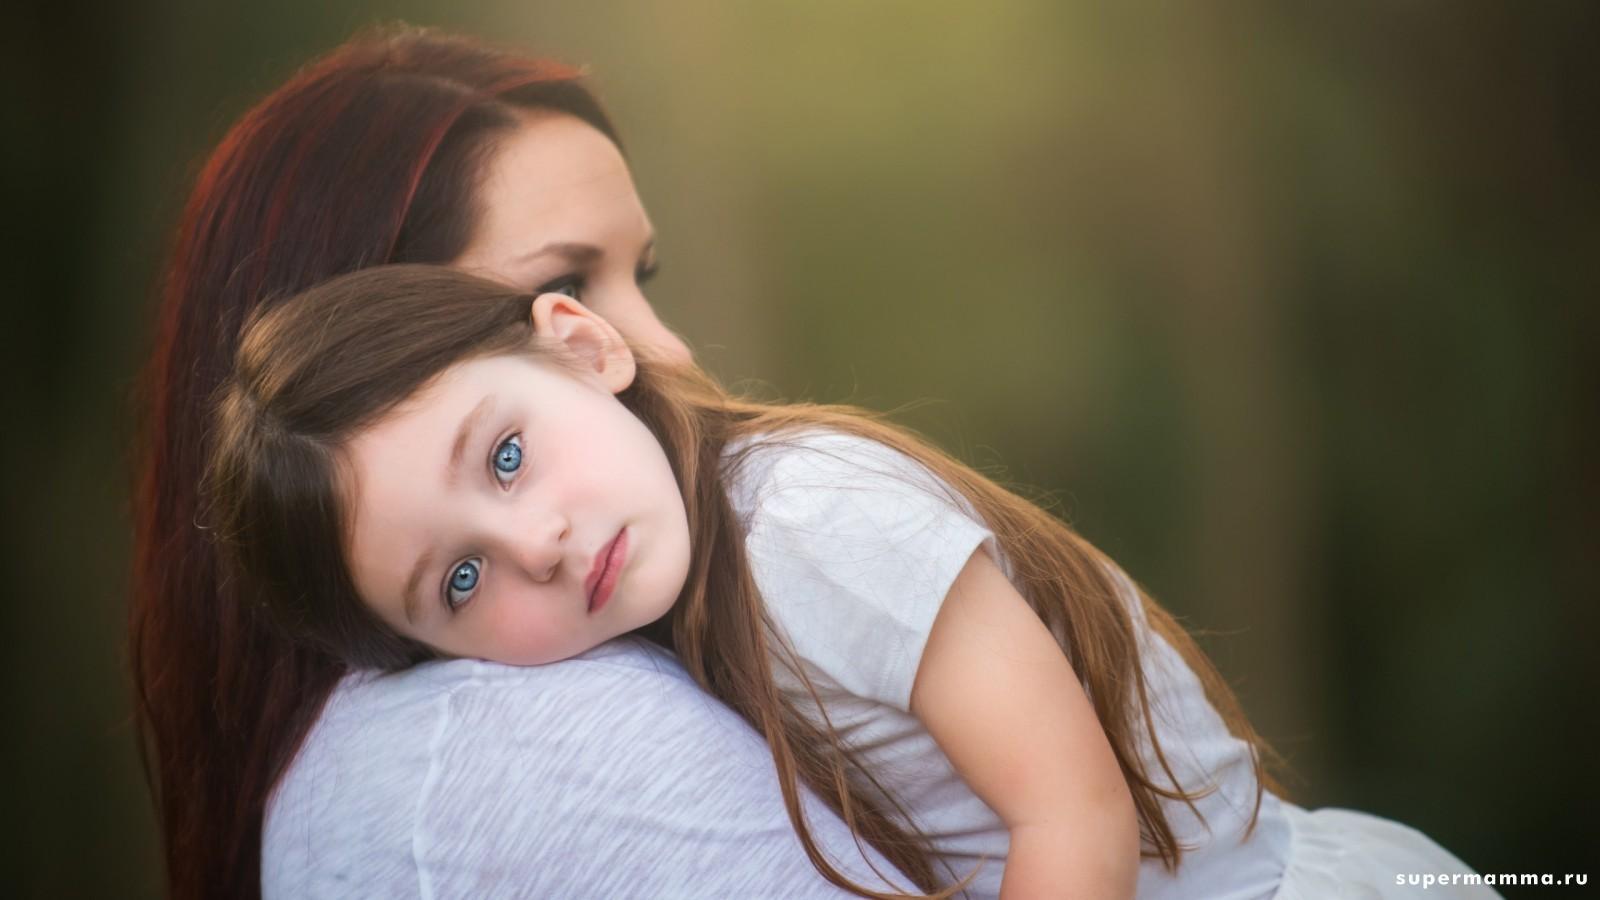 фото «Не идеализируйте своего будущего ребёнка»: новосибирцы рассказали о процедуре усыновления 2